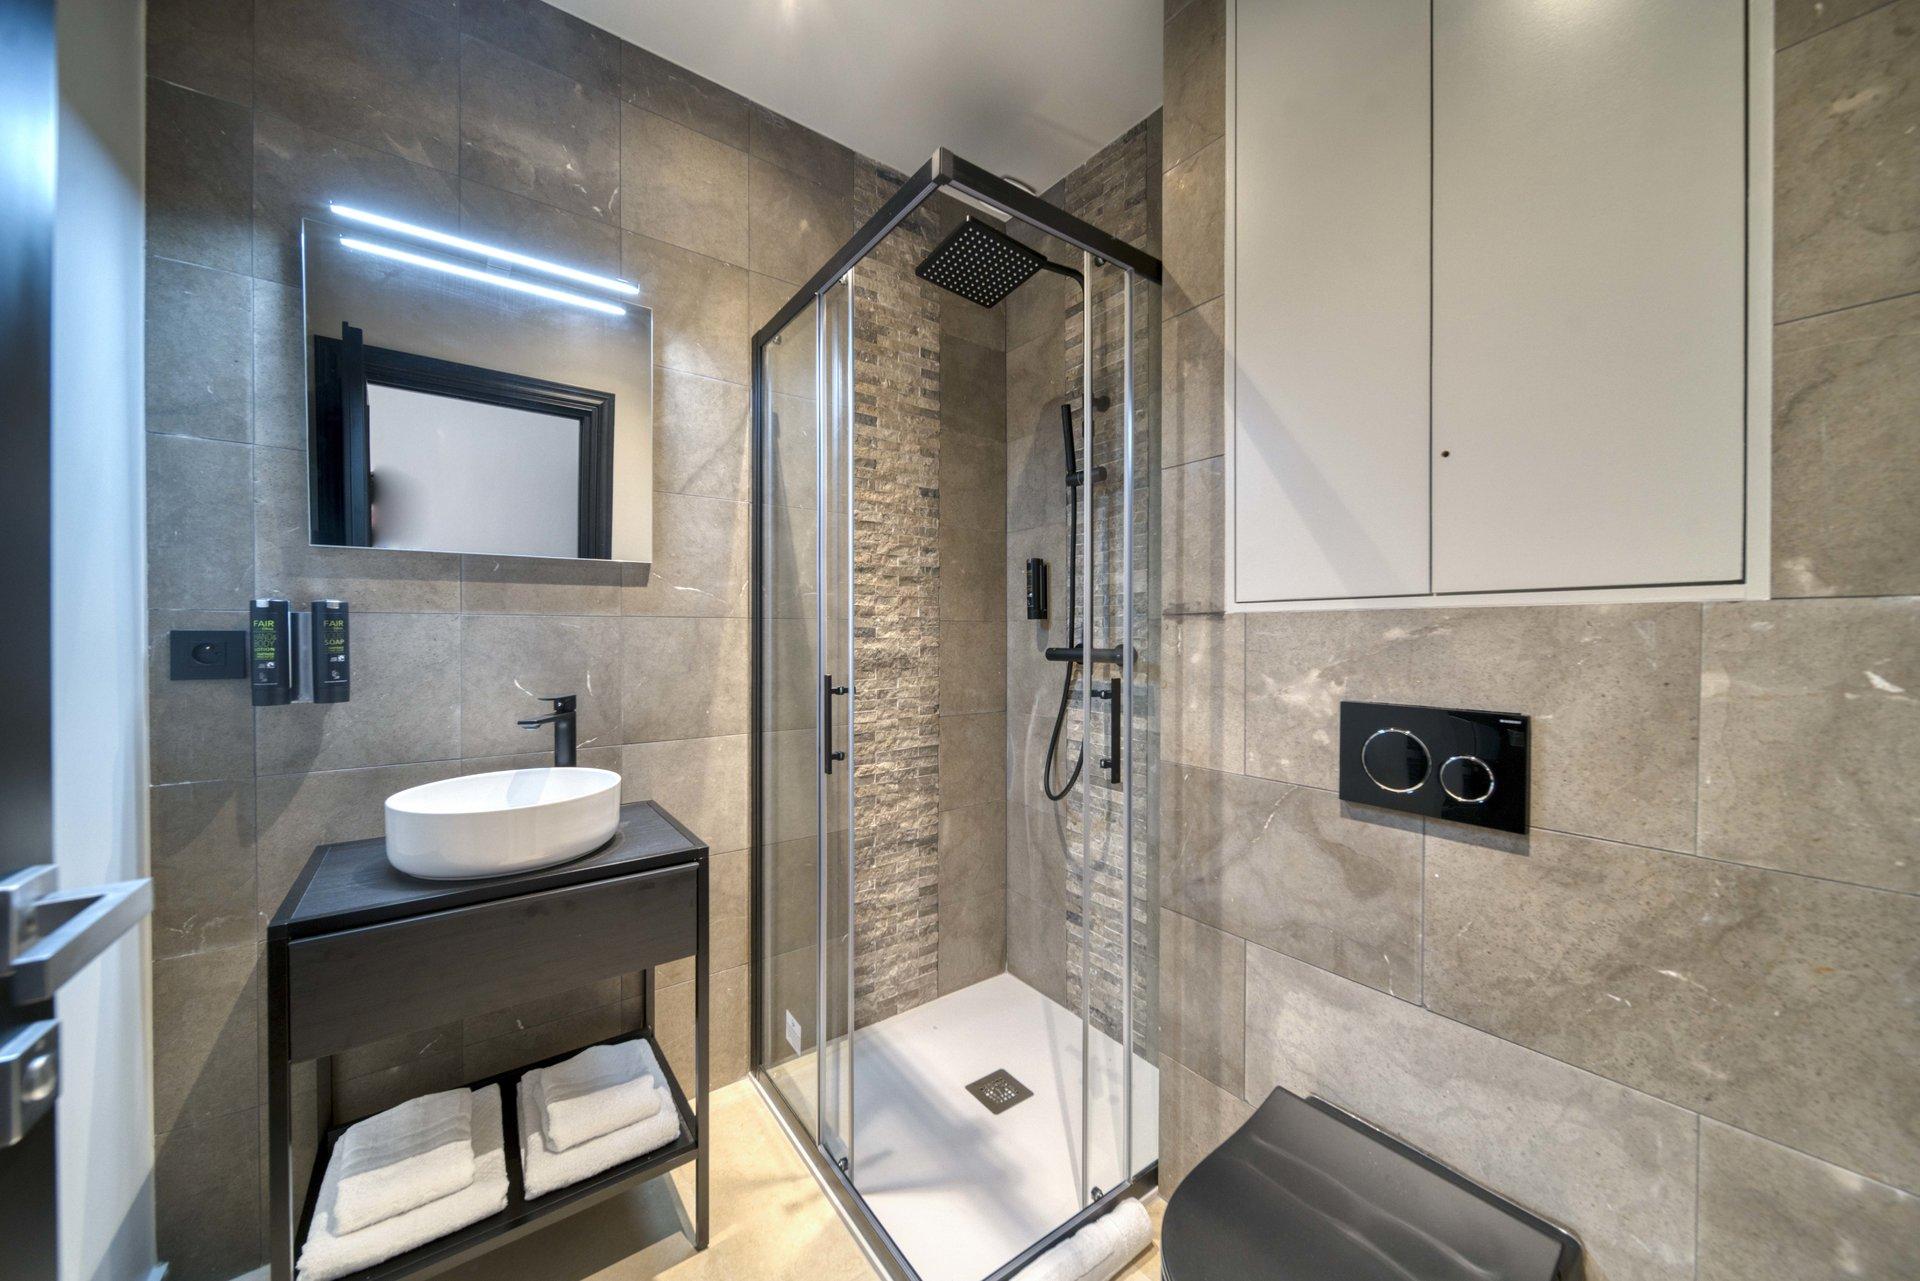 Magnifique appartement bourgeois 4 chambres